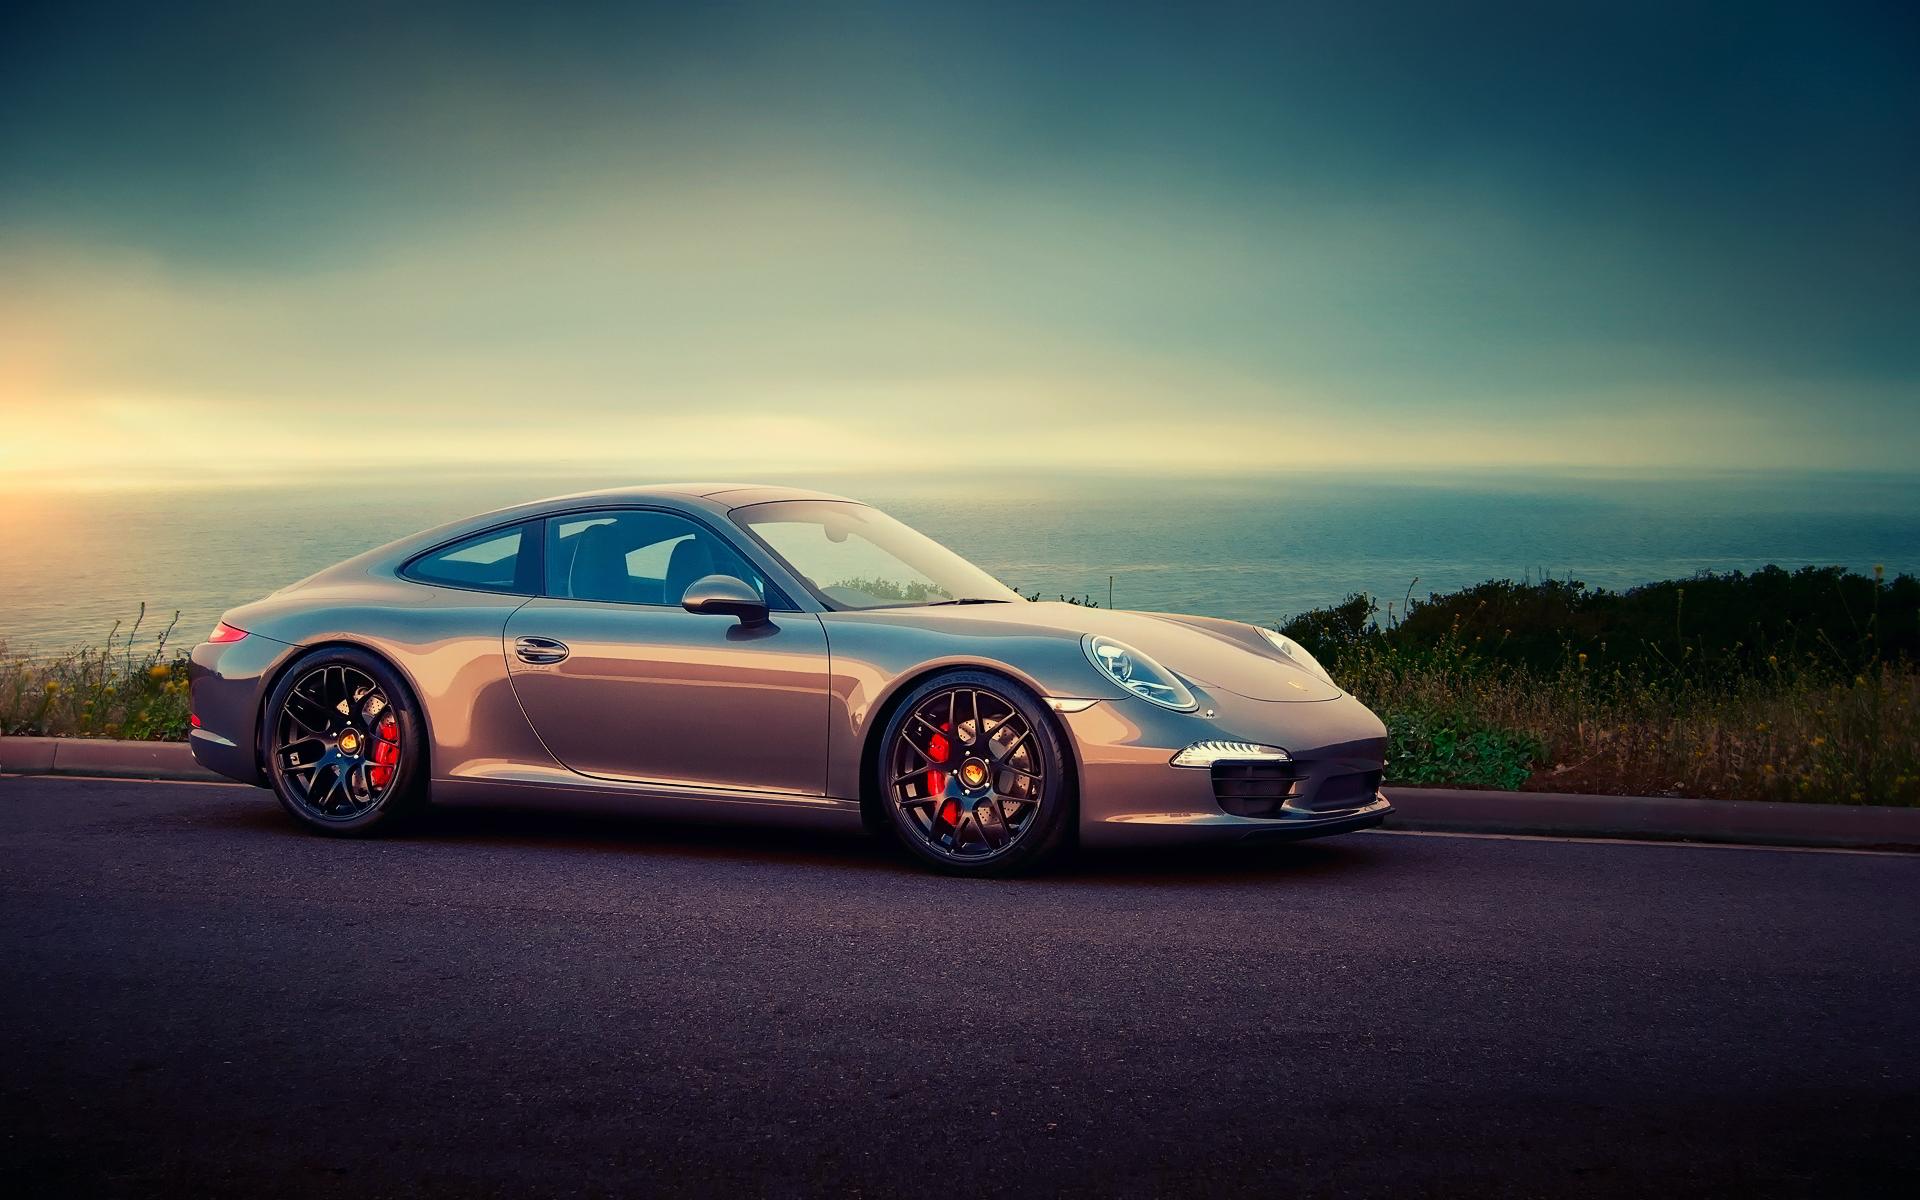 Porsche 991 hd